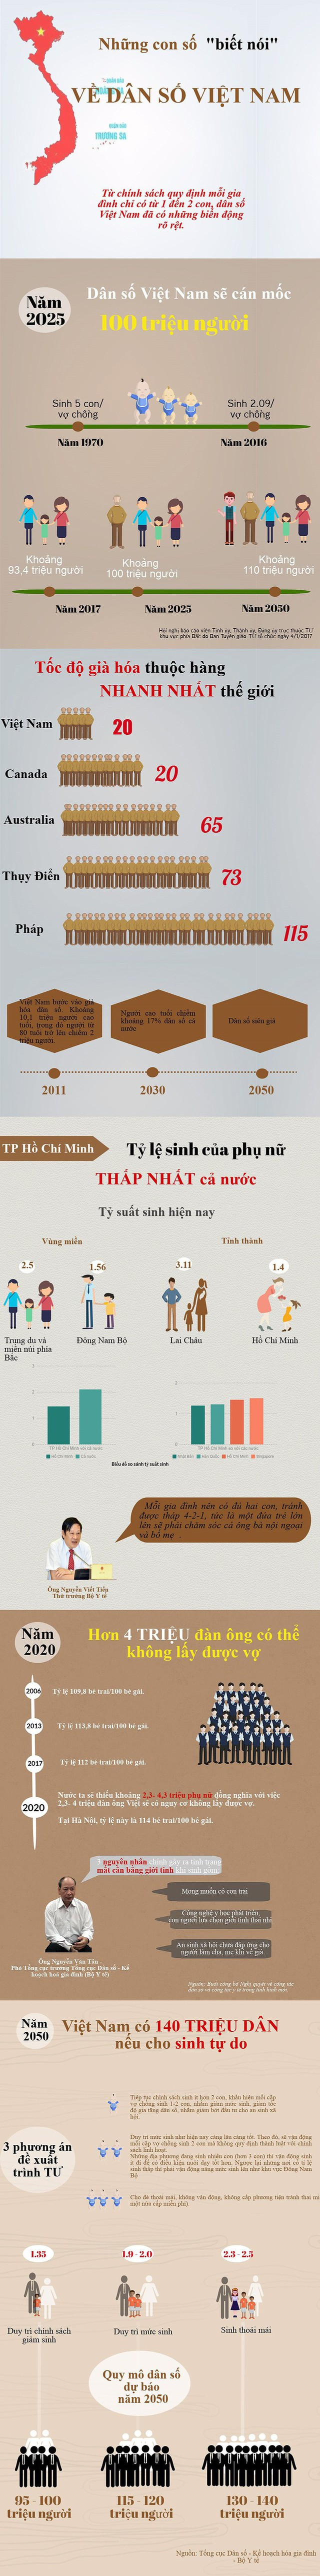 """Những con số """"biết nói"""" về dân số Việt Nam - Ảnh 1."""